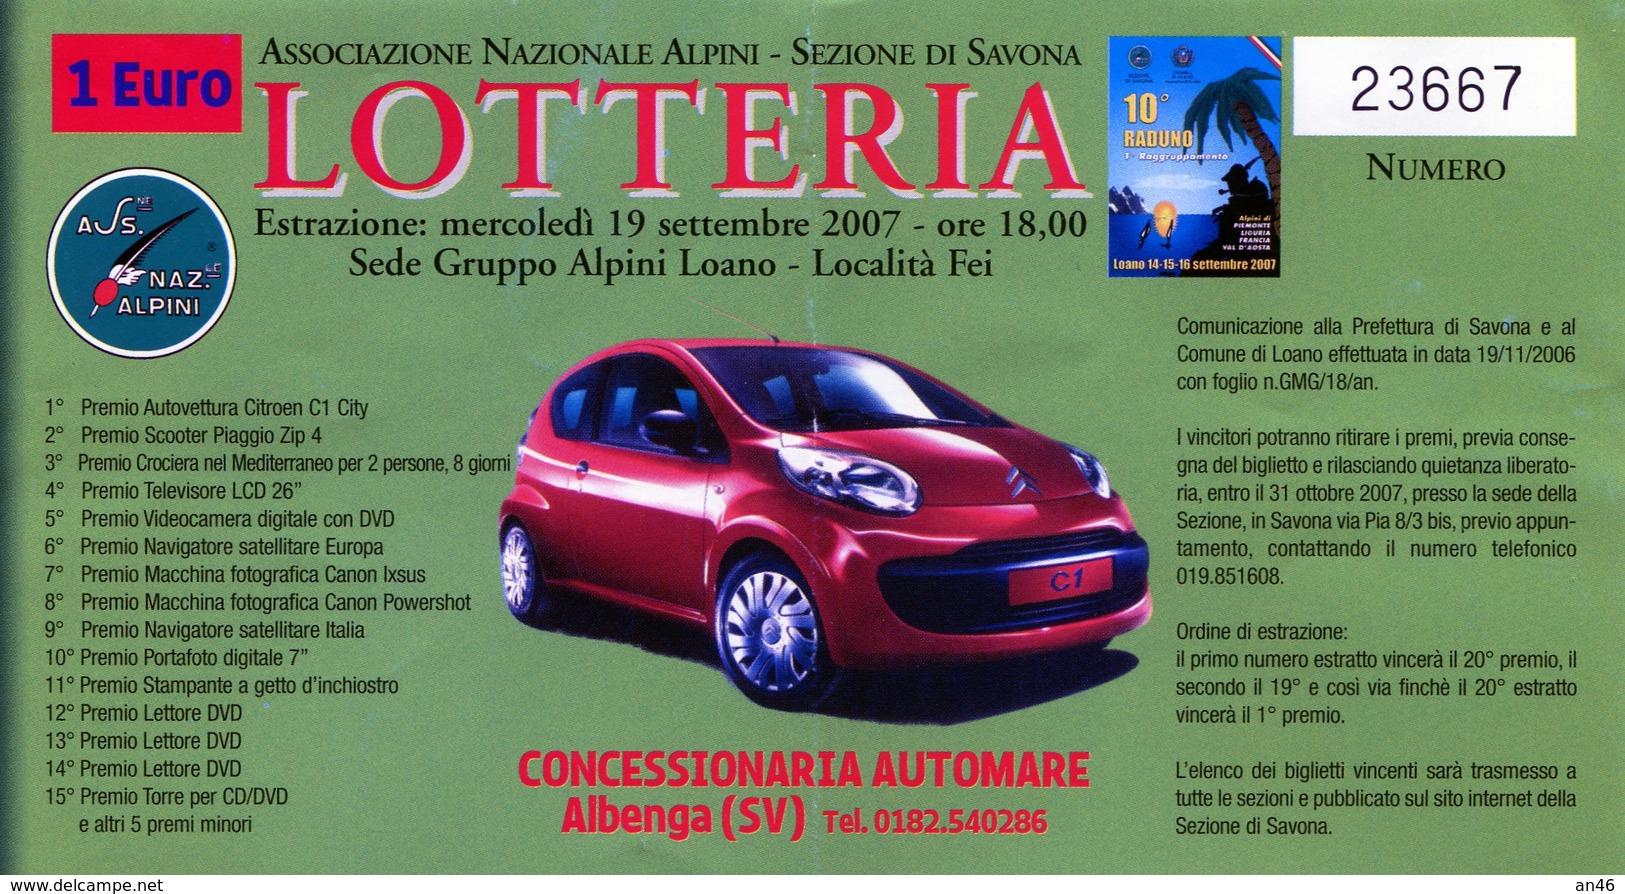 LOTTERIA NAZIONALE ALPINI SEZIONE DI SAVONA-ESTRAZIONE 19 SETTEMBRE 2007- - Biglietti Della Lotteria